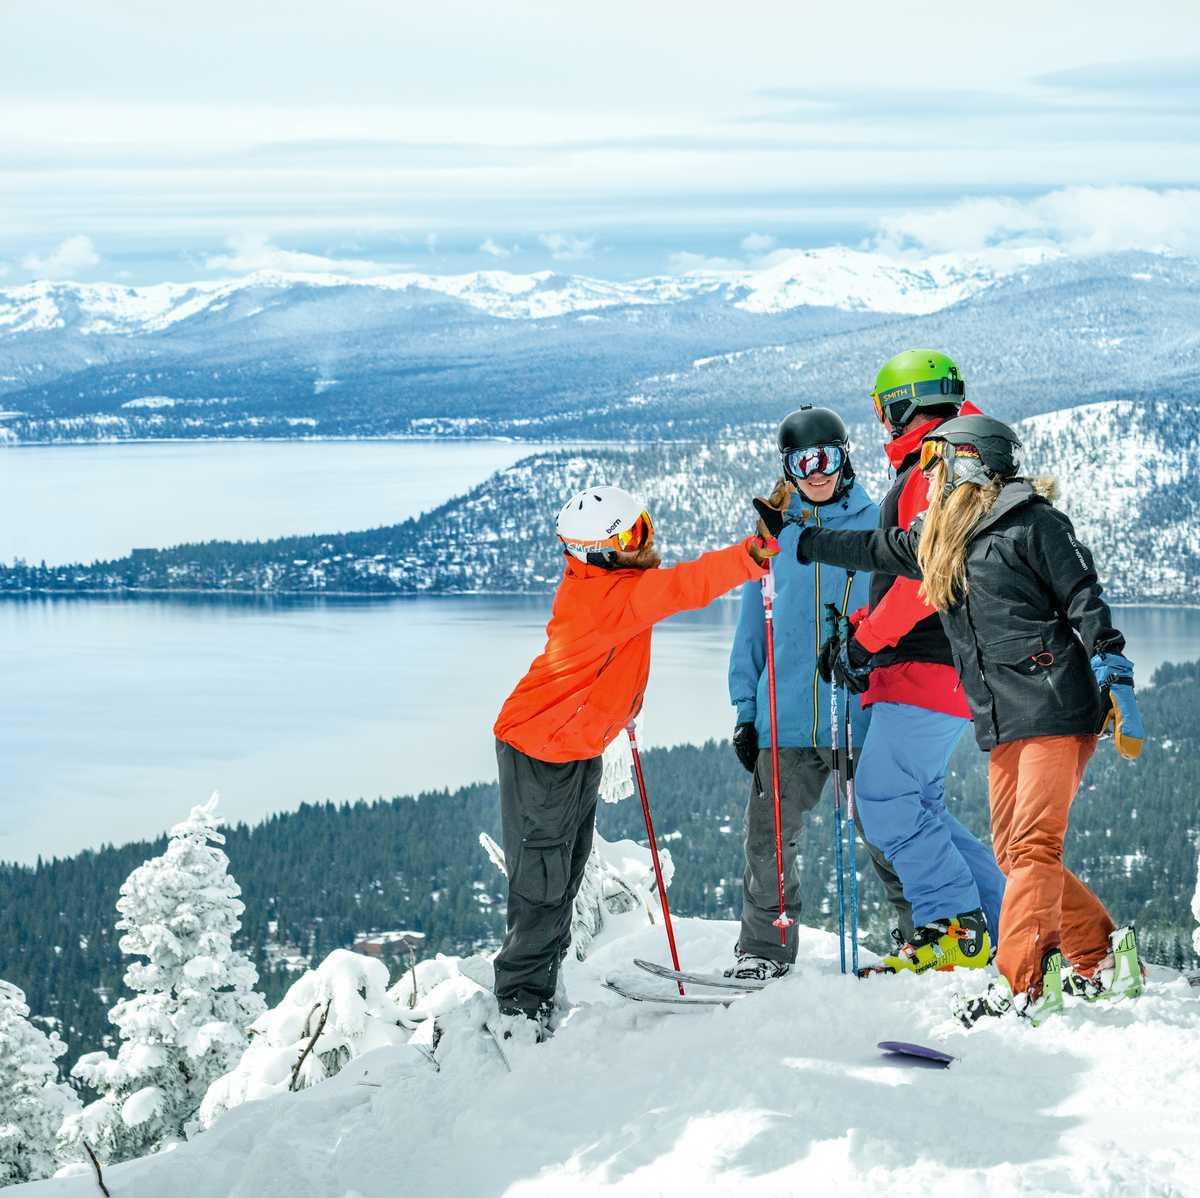 Skifahrer nördlich des Lake Tahoe in Kalifornien